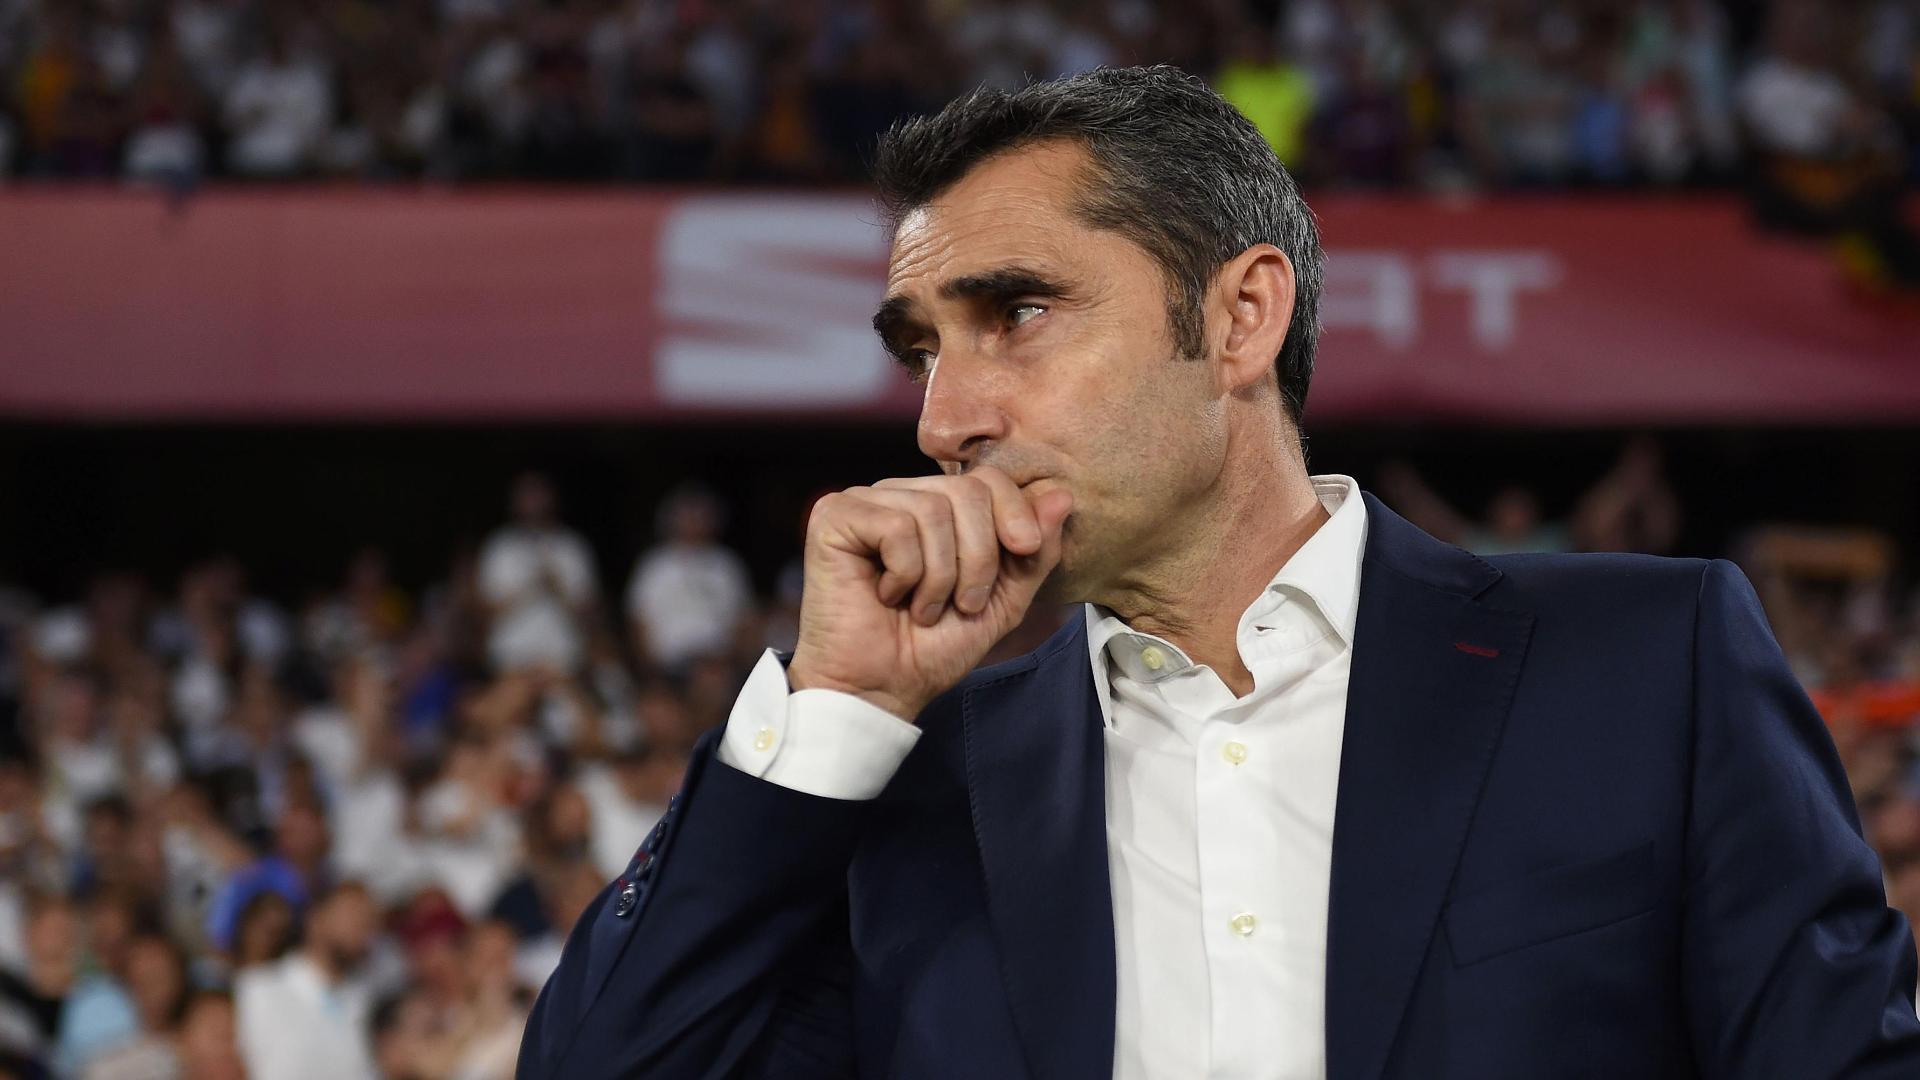 نتيجة بحث الصور عن Valverde wallpaper 2019